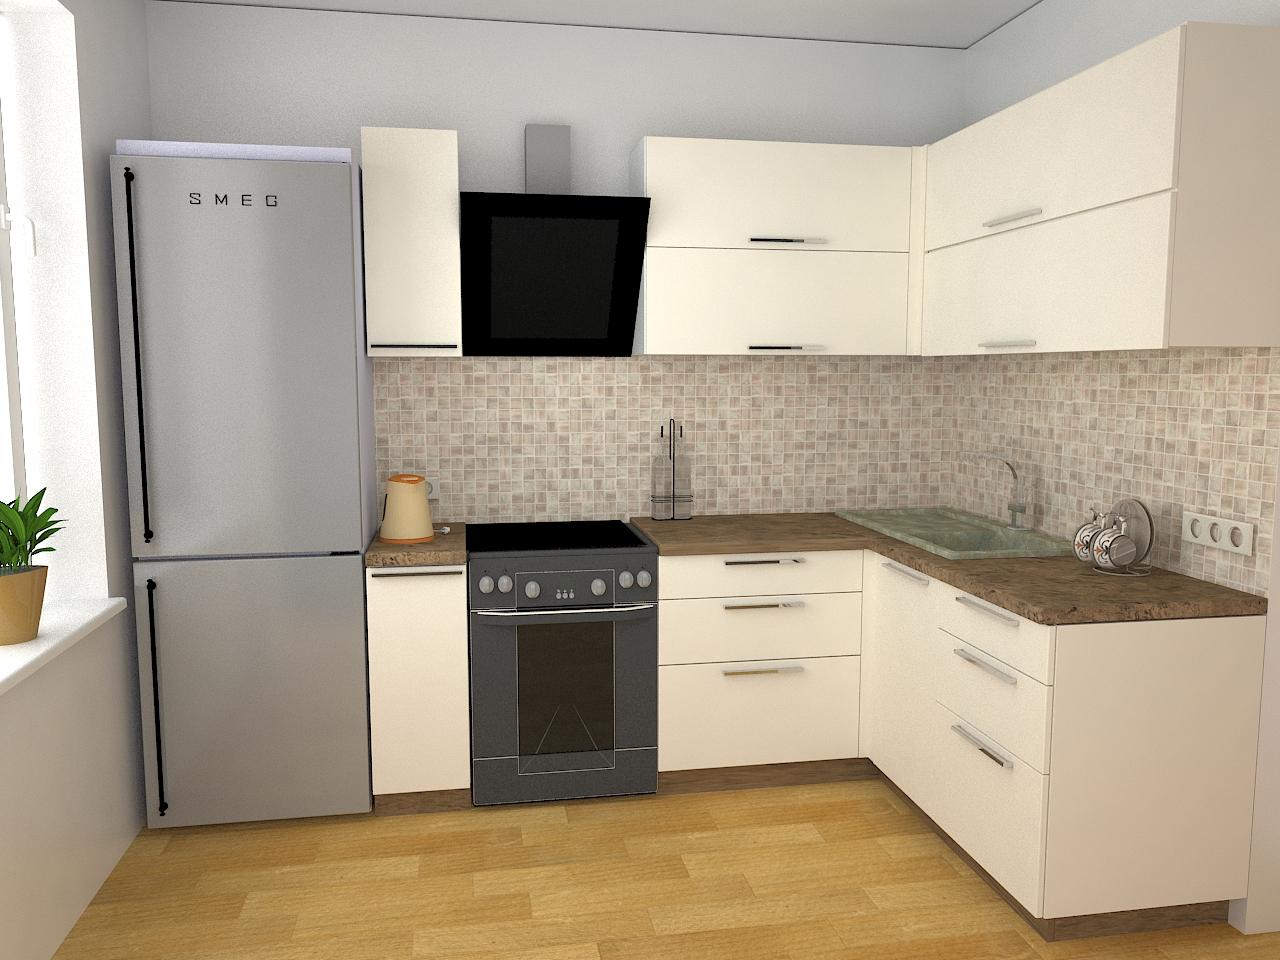 кухня с правым углом фото этом случае наросты